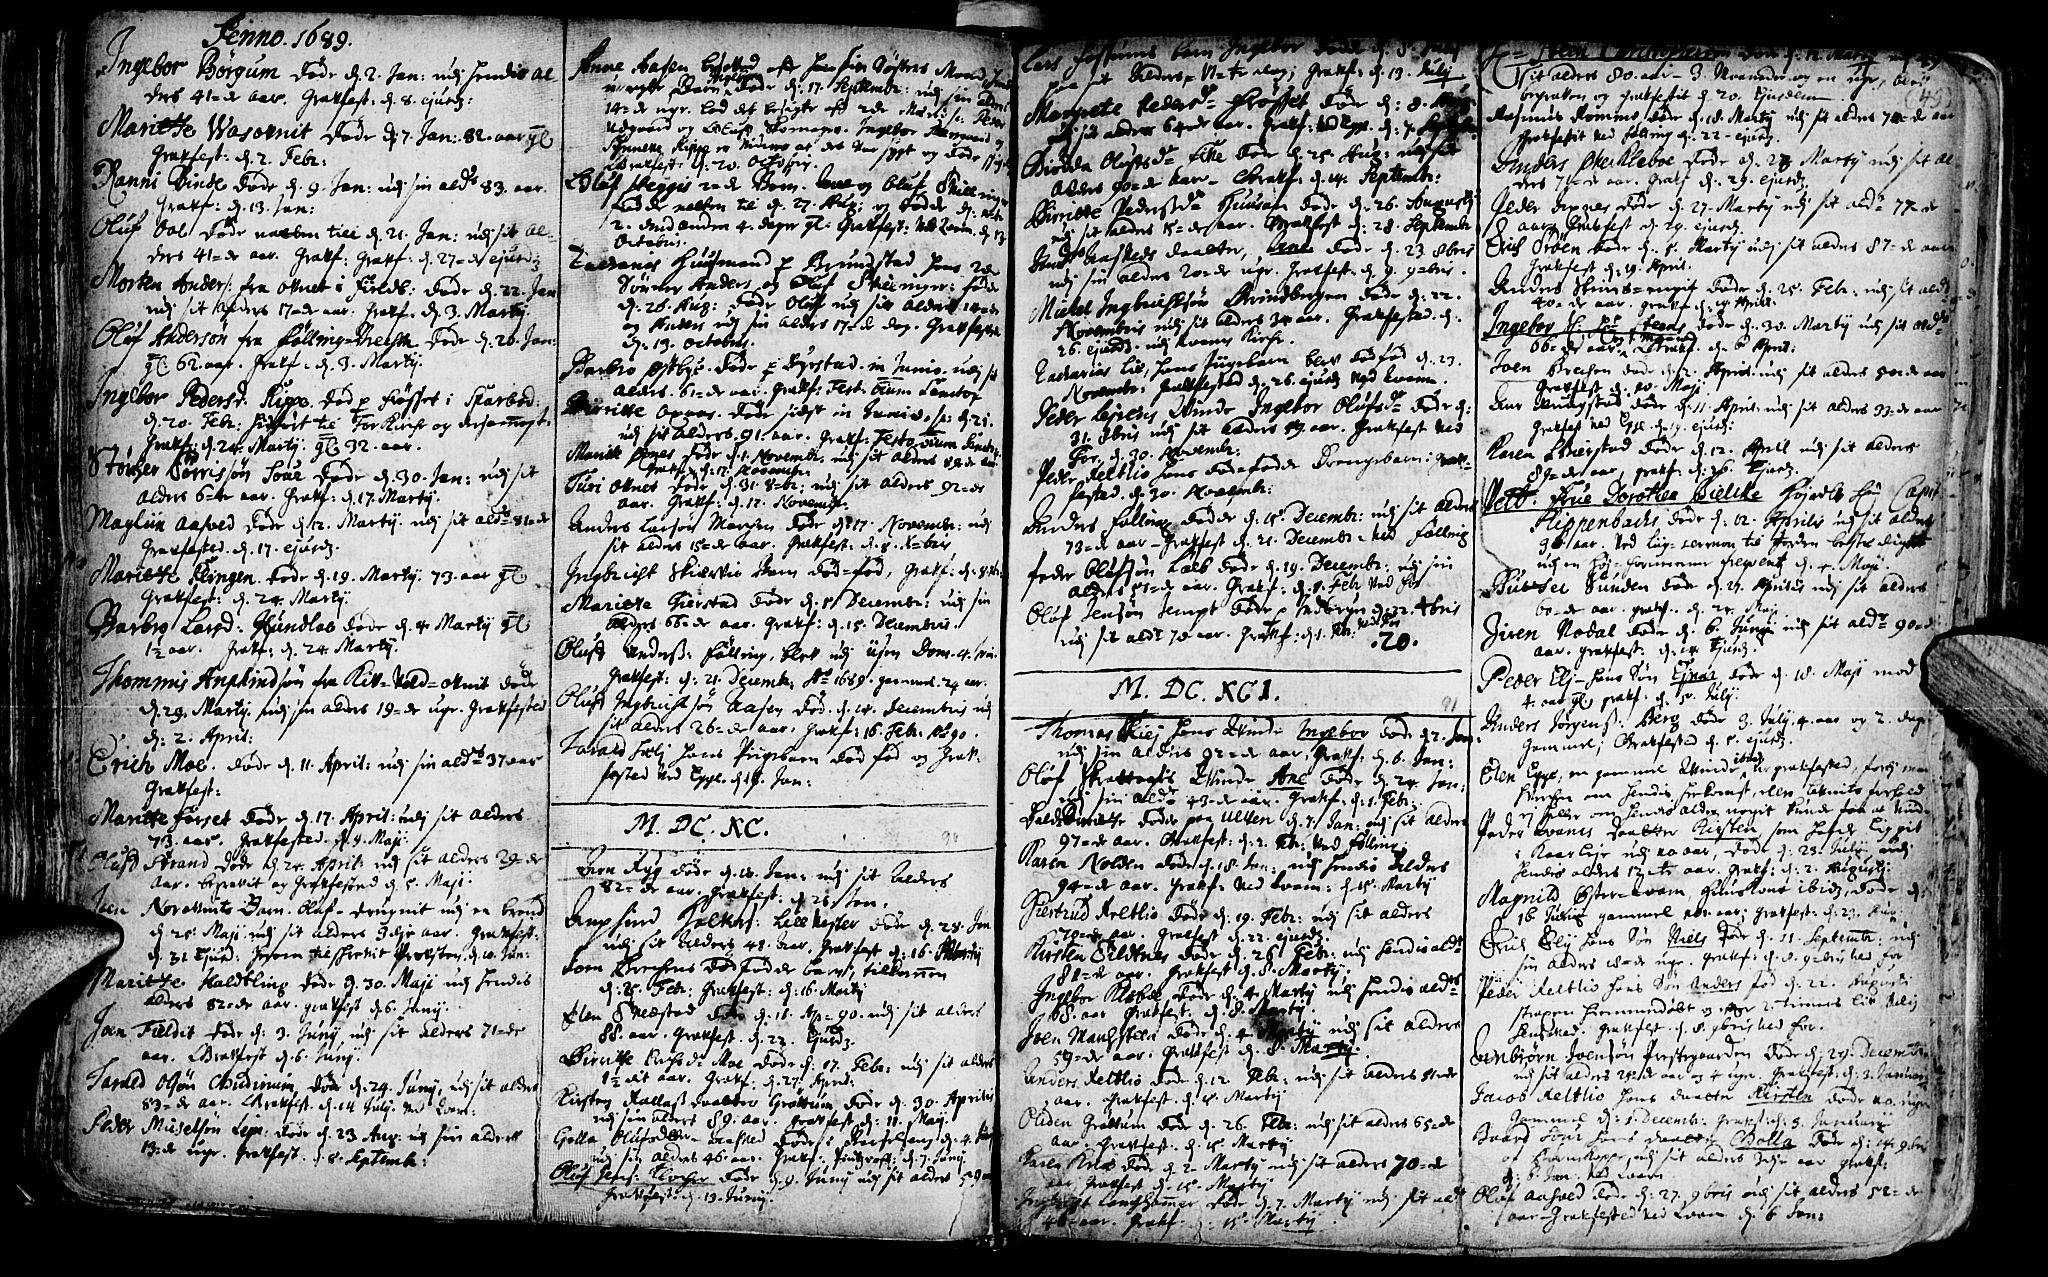 SAT, Ministerialprotokoller, klokkerbøker og fødselsregistre - Nord-Trøndelag, 746/L0439: Ministerialbok nr. 746A01, 1688-1759, s. 49